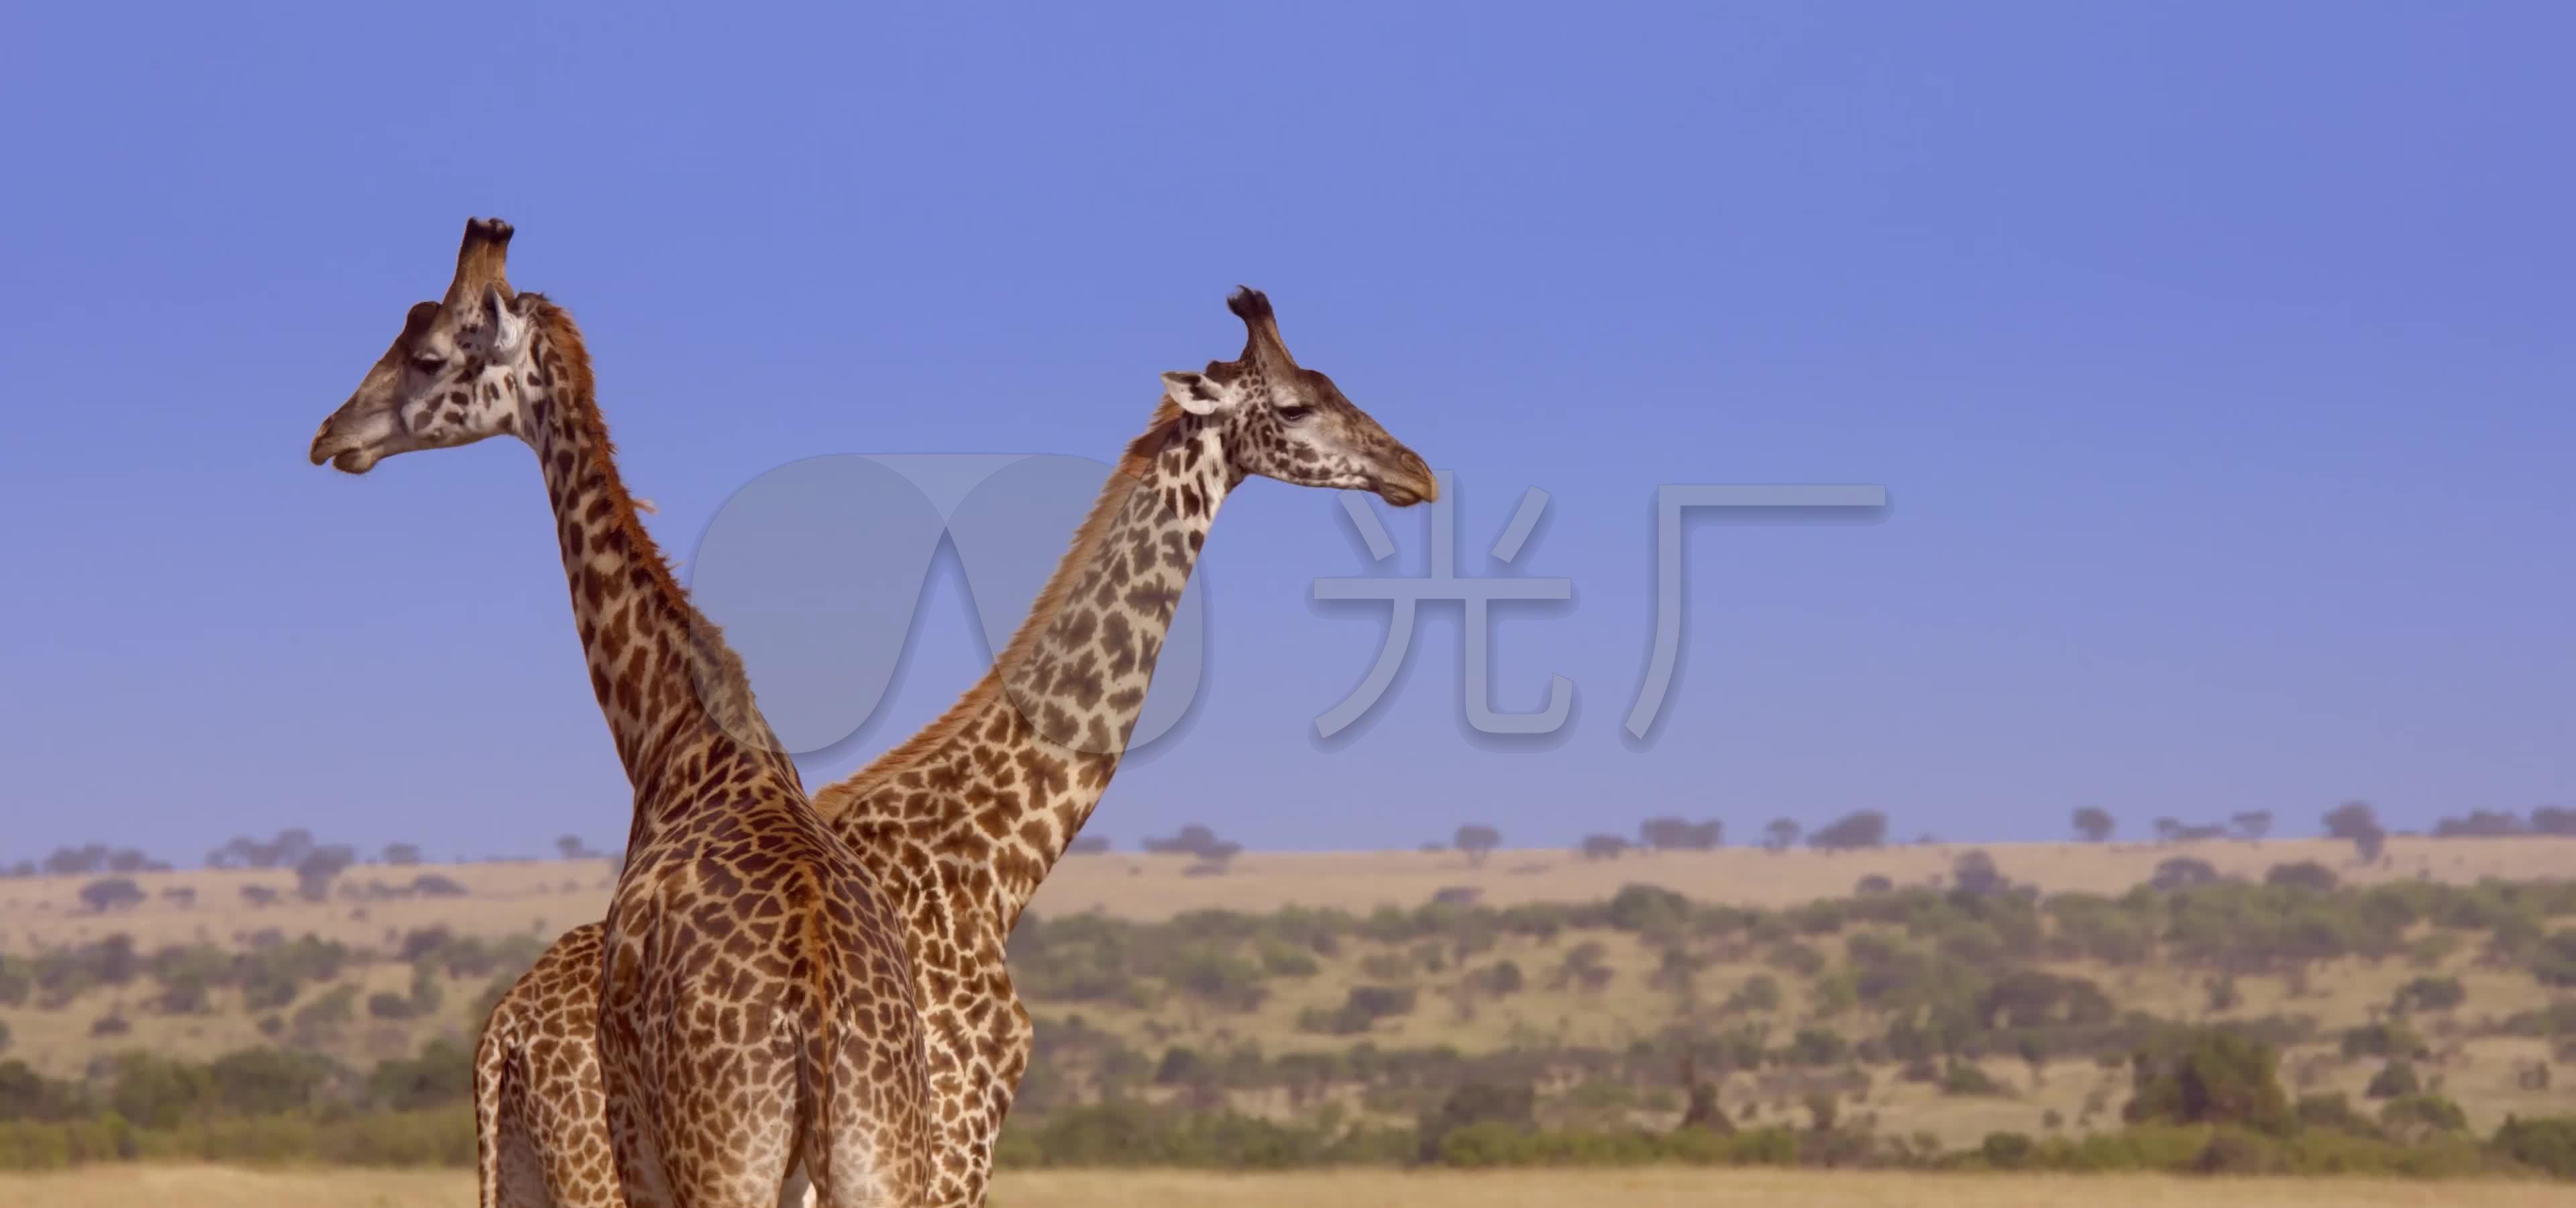 非洲大草原动物世界自然生态环境4k实拍